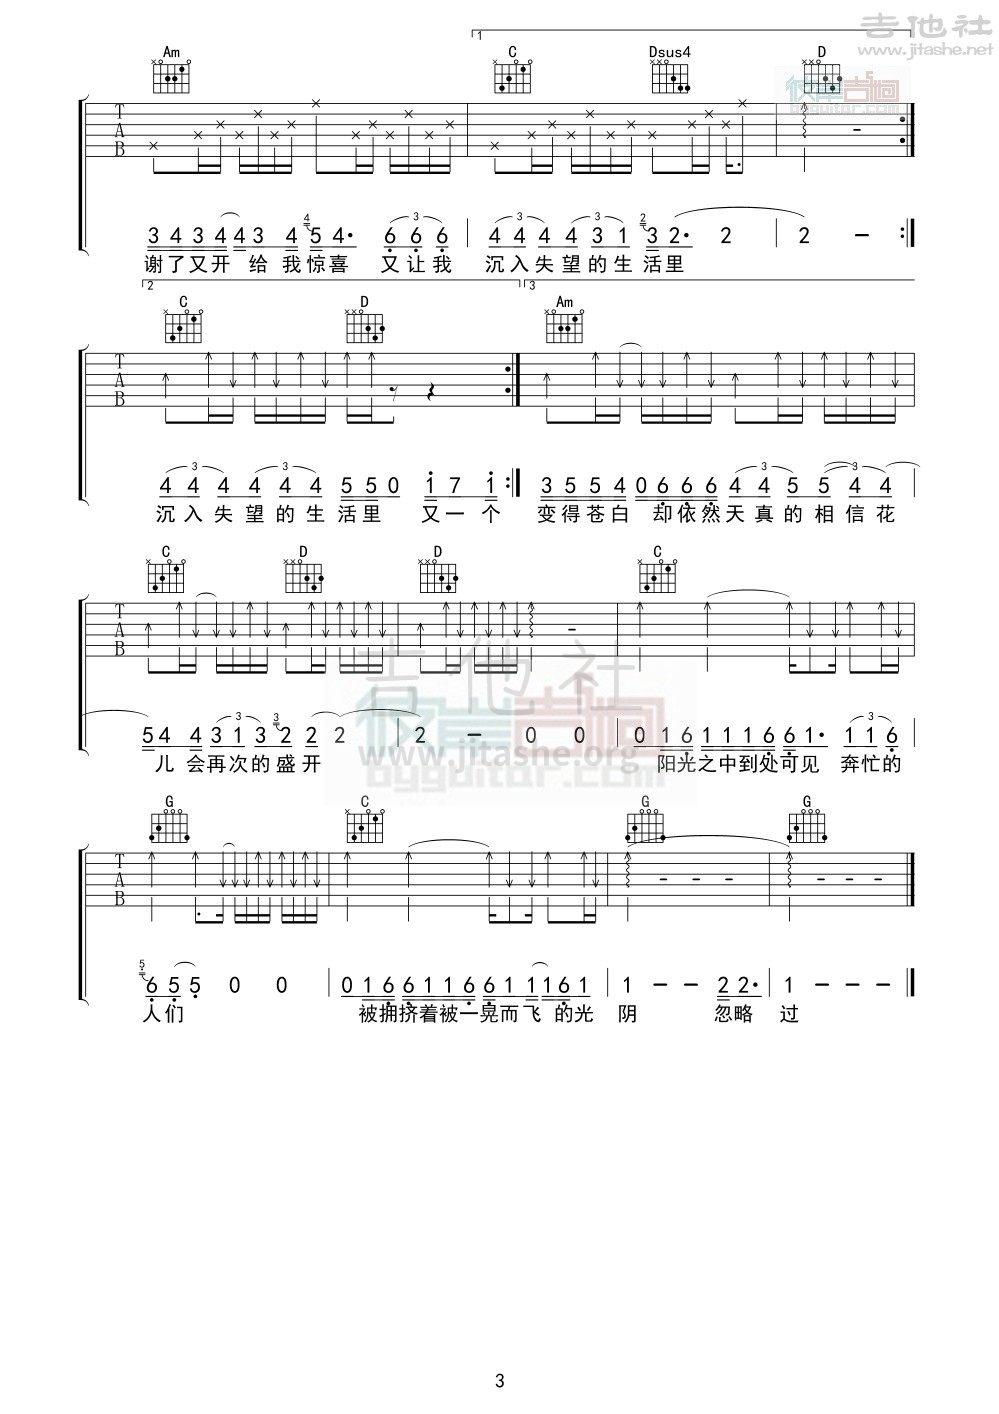 理想吉他谱(图片谱,弹唱,民谣)_赵雷(雷子)_理想3.jpg